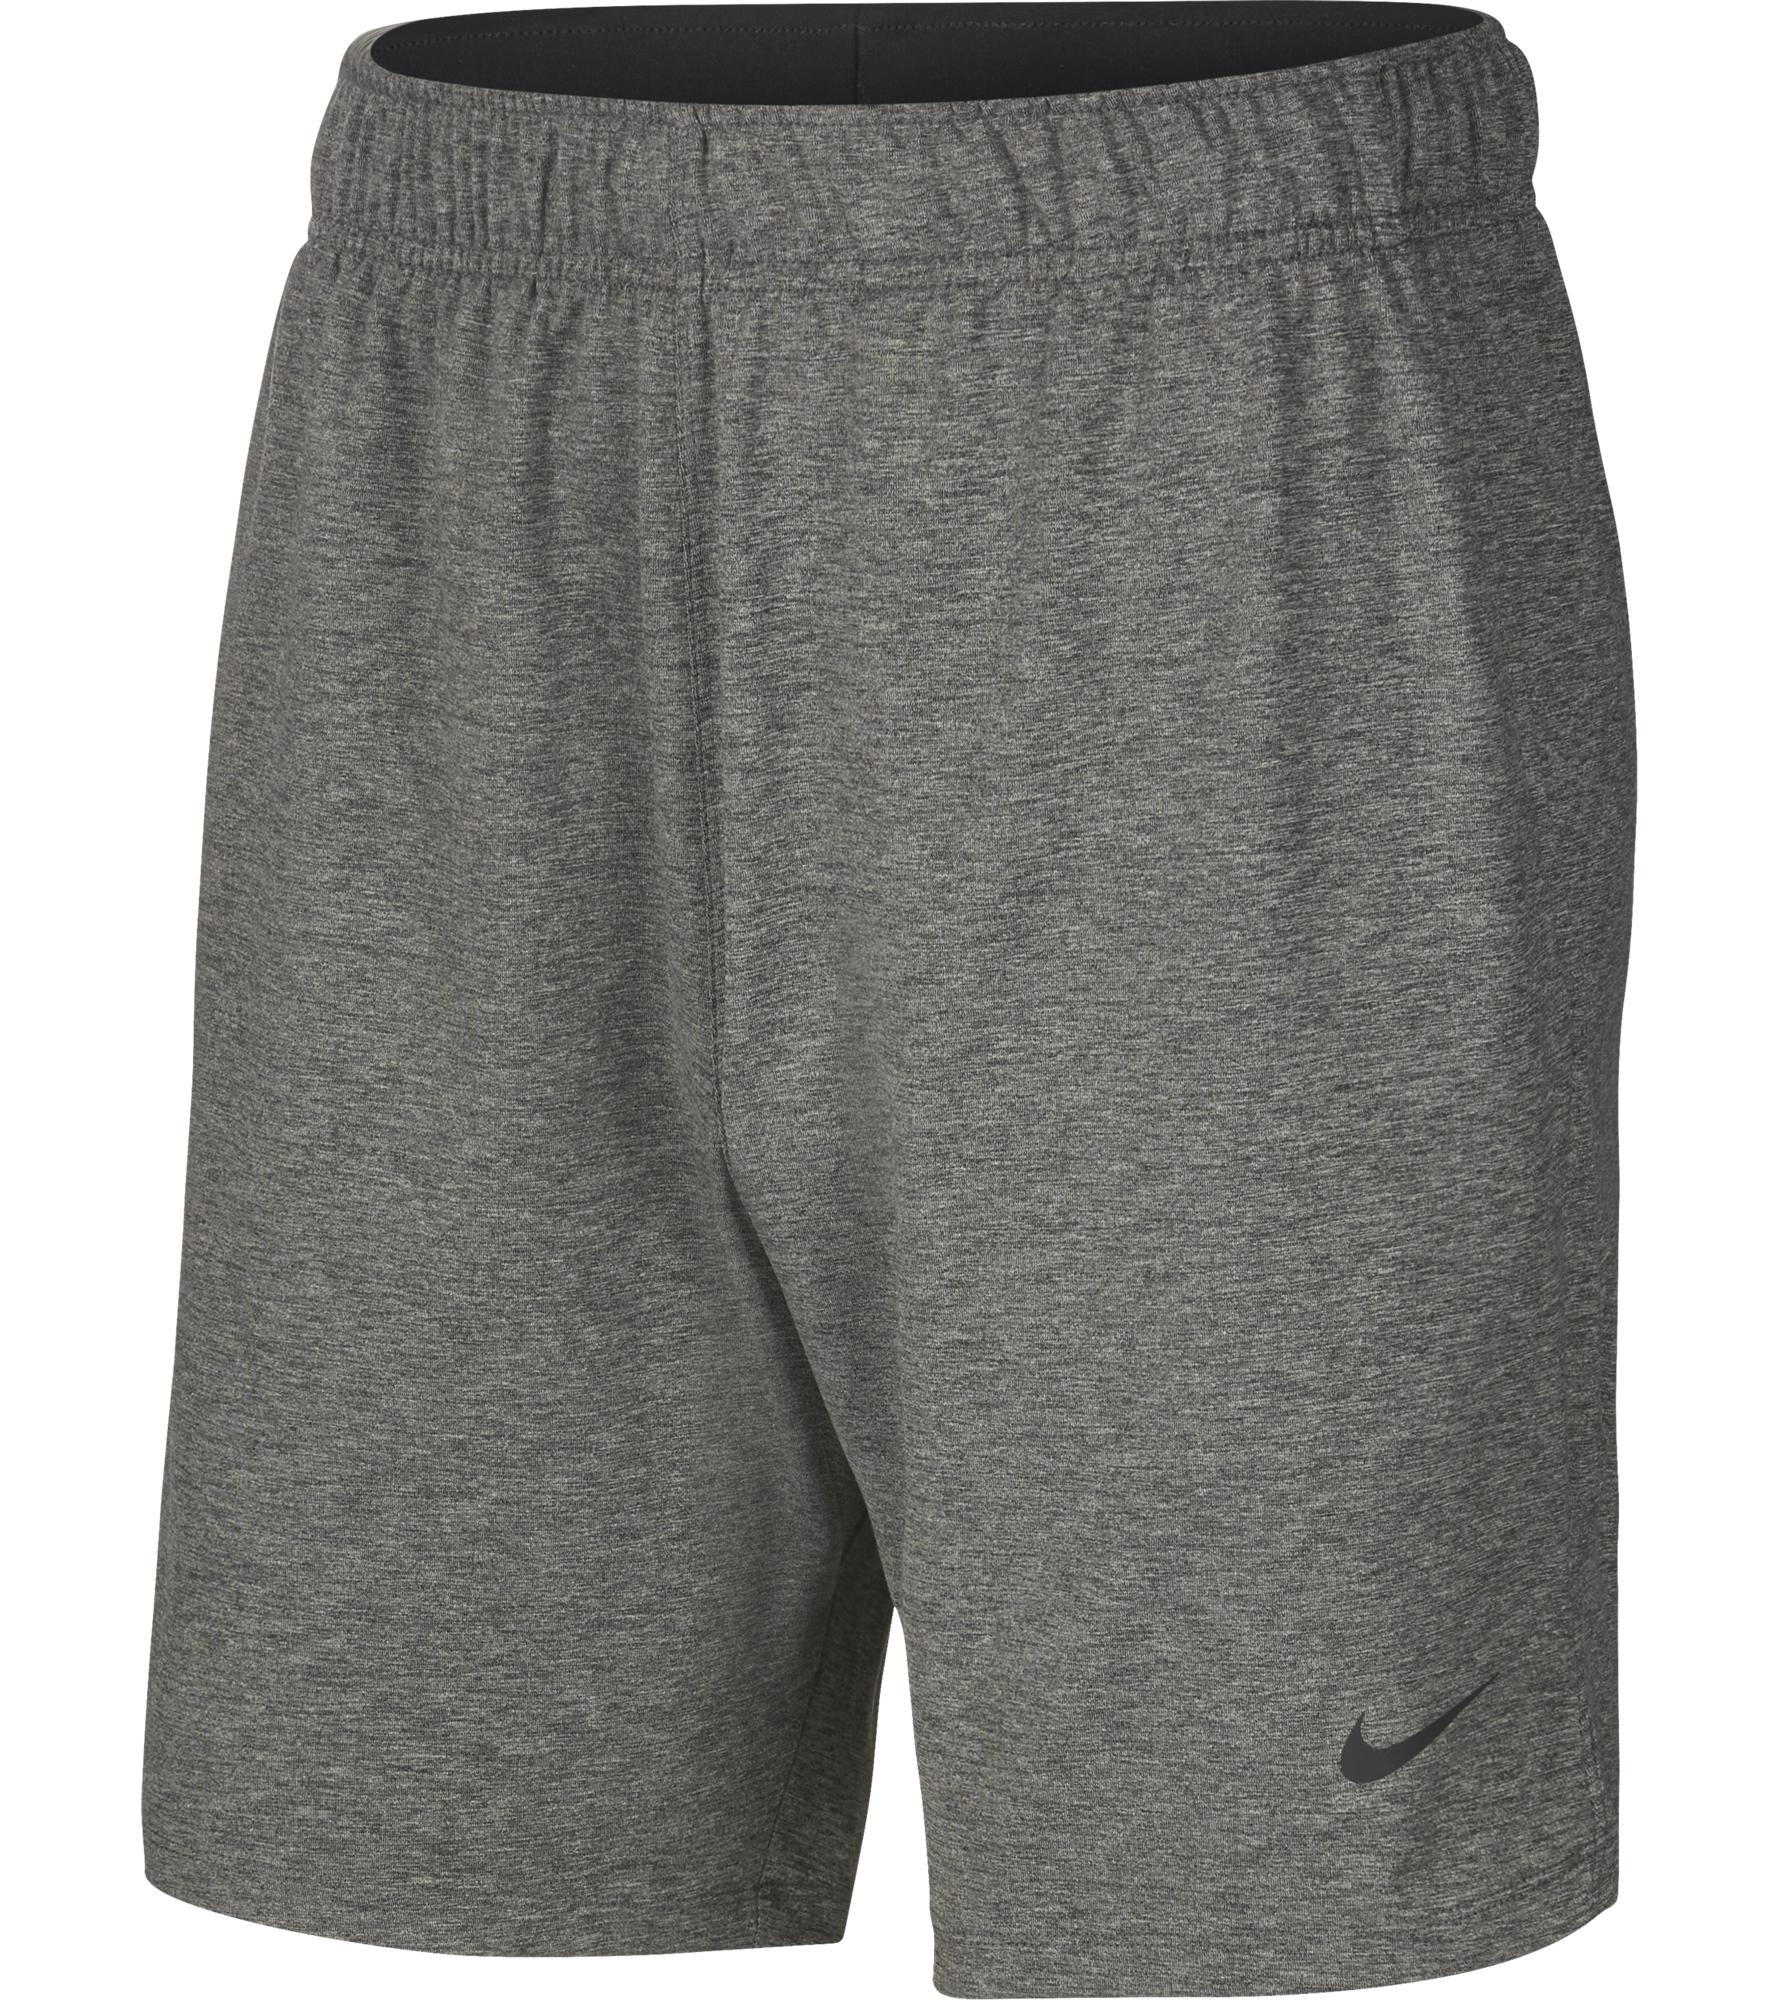 Nike Шорты мужские Nike Yoga Dri-FIT, размер 44-46 одежда для занятий баскетболом nike 005027 11 diy